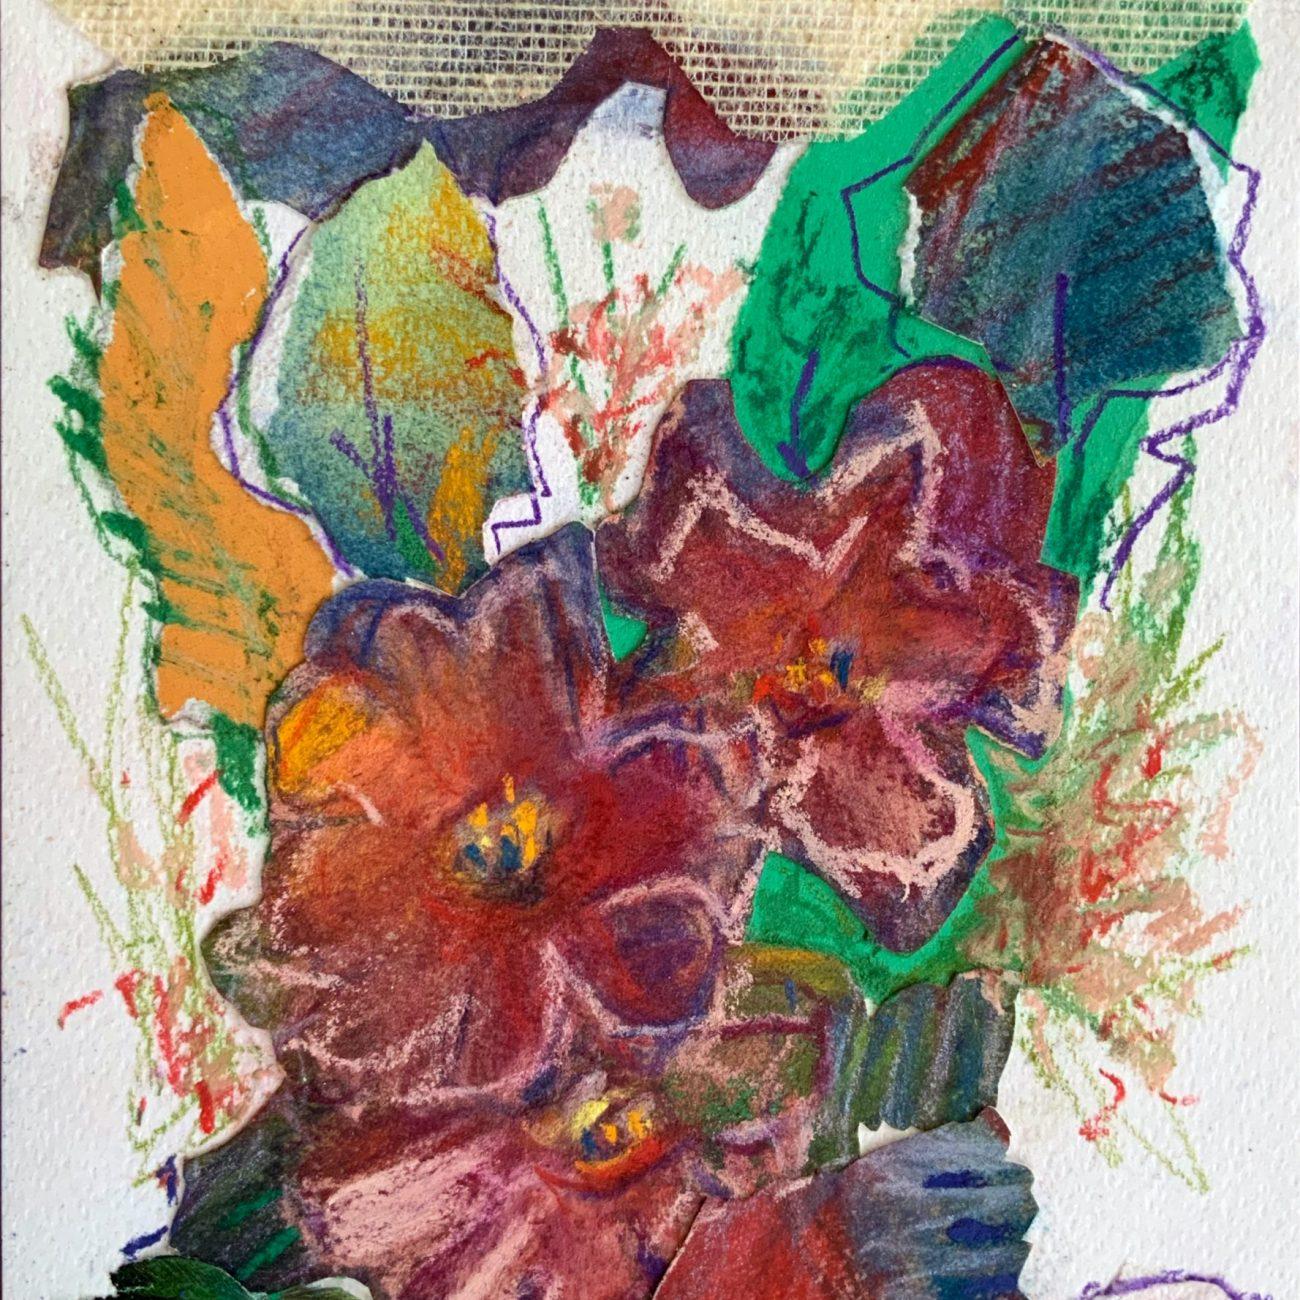 PEMBE KOLAJ 12 Teknik:Kağıt Üzeri Toz Pastel ve Kolaj Ölçü: 17x24 cm. 35x42 cm.(çerçeveli) Fiyat : 944 TL